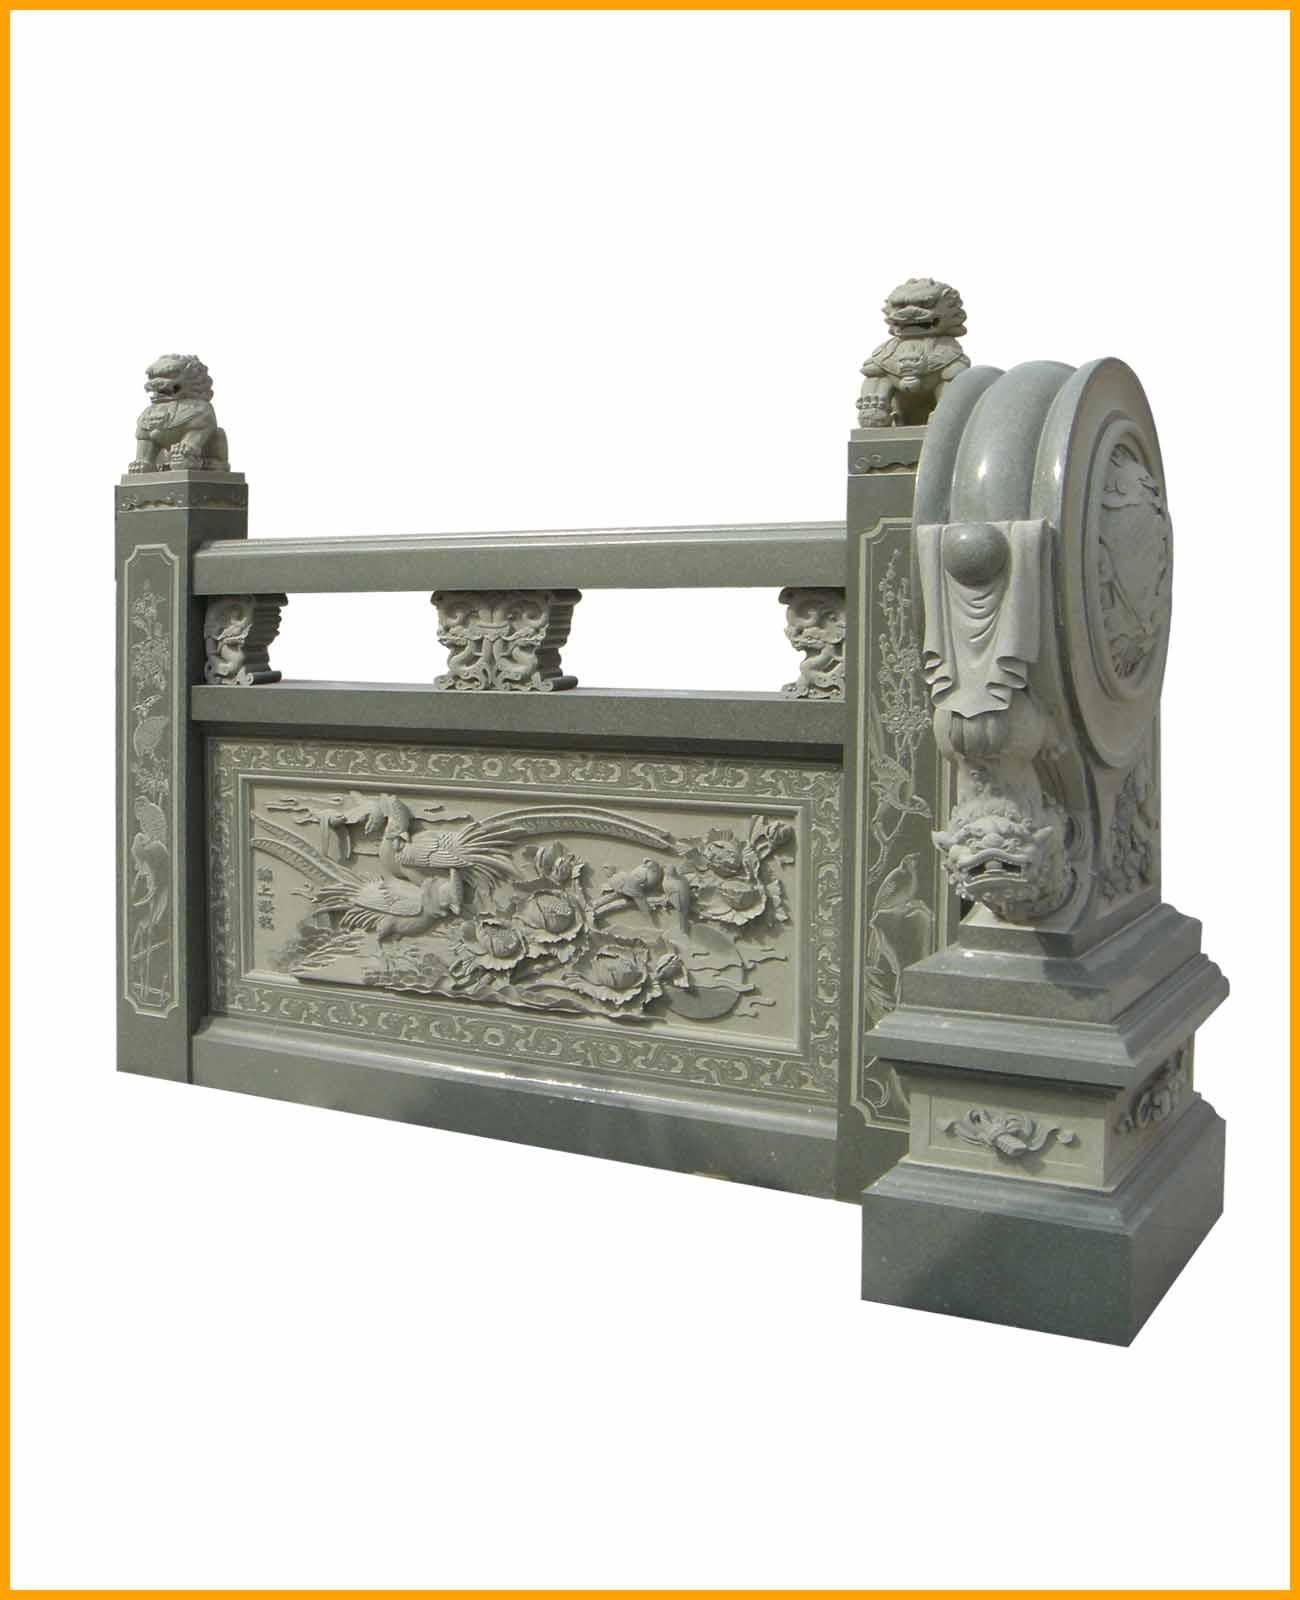 欄桿石橋抱鼓供應廠家 精湛的欄桿石橋抱鼓盡在漢匠石雕